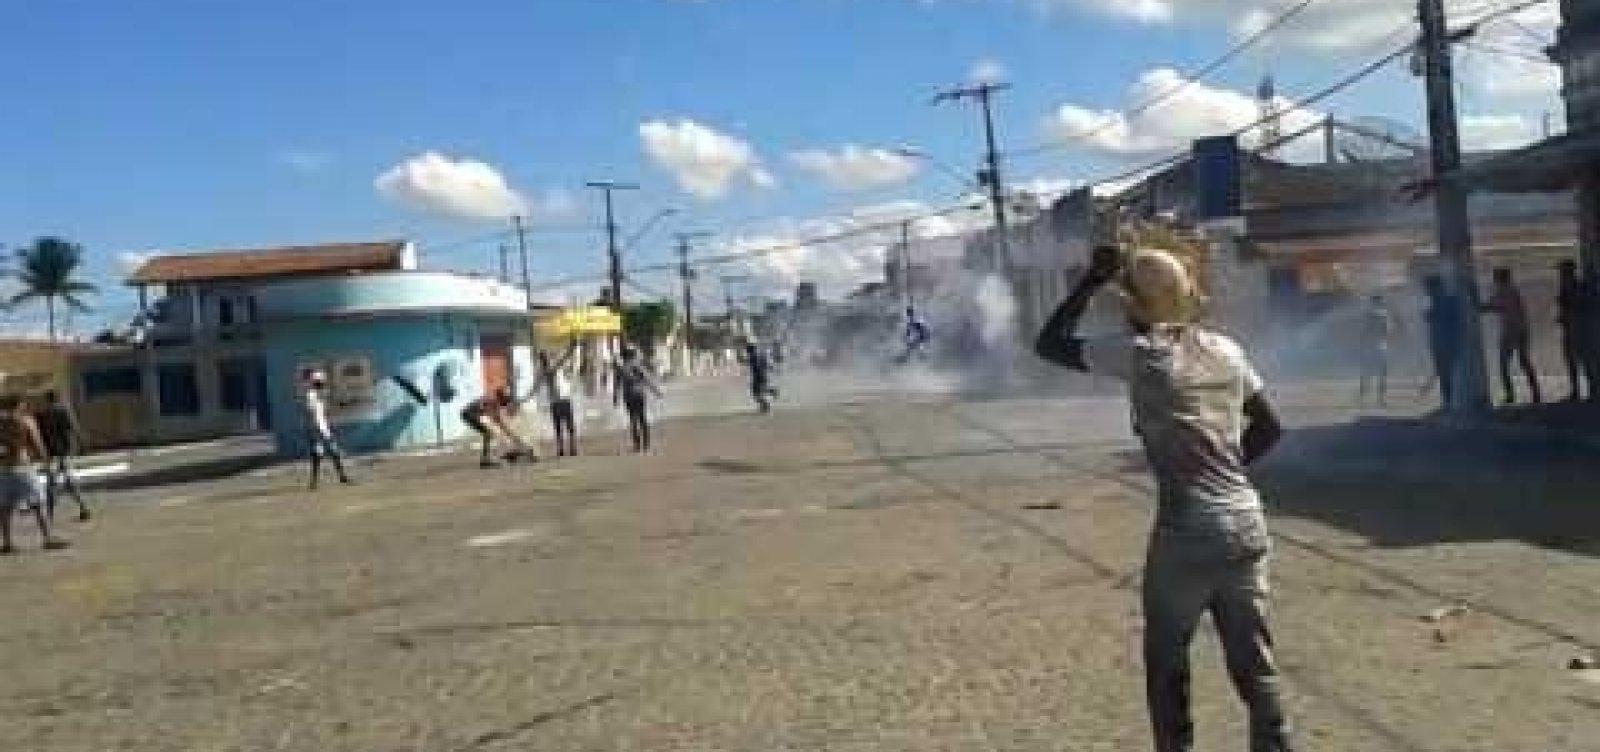 [Prefeitura deSapeaçu deve coibir guerra de espadas, recomenda MP]